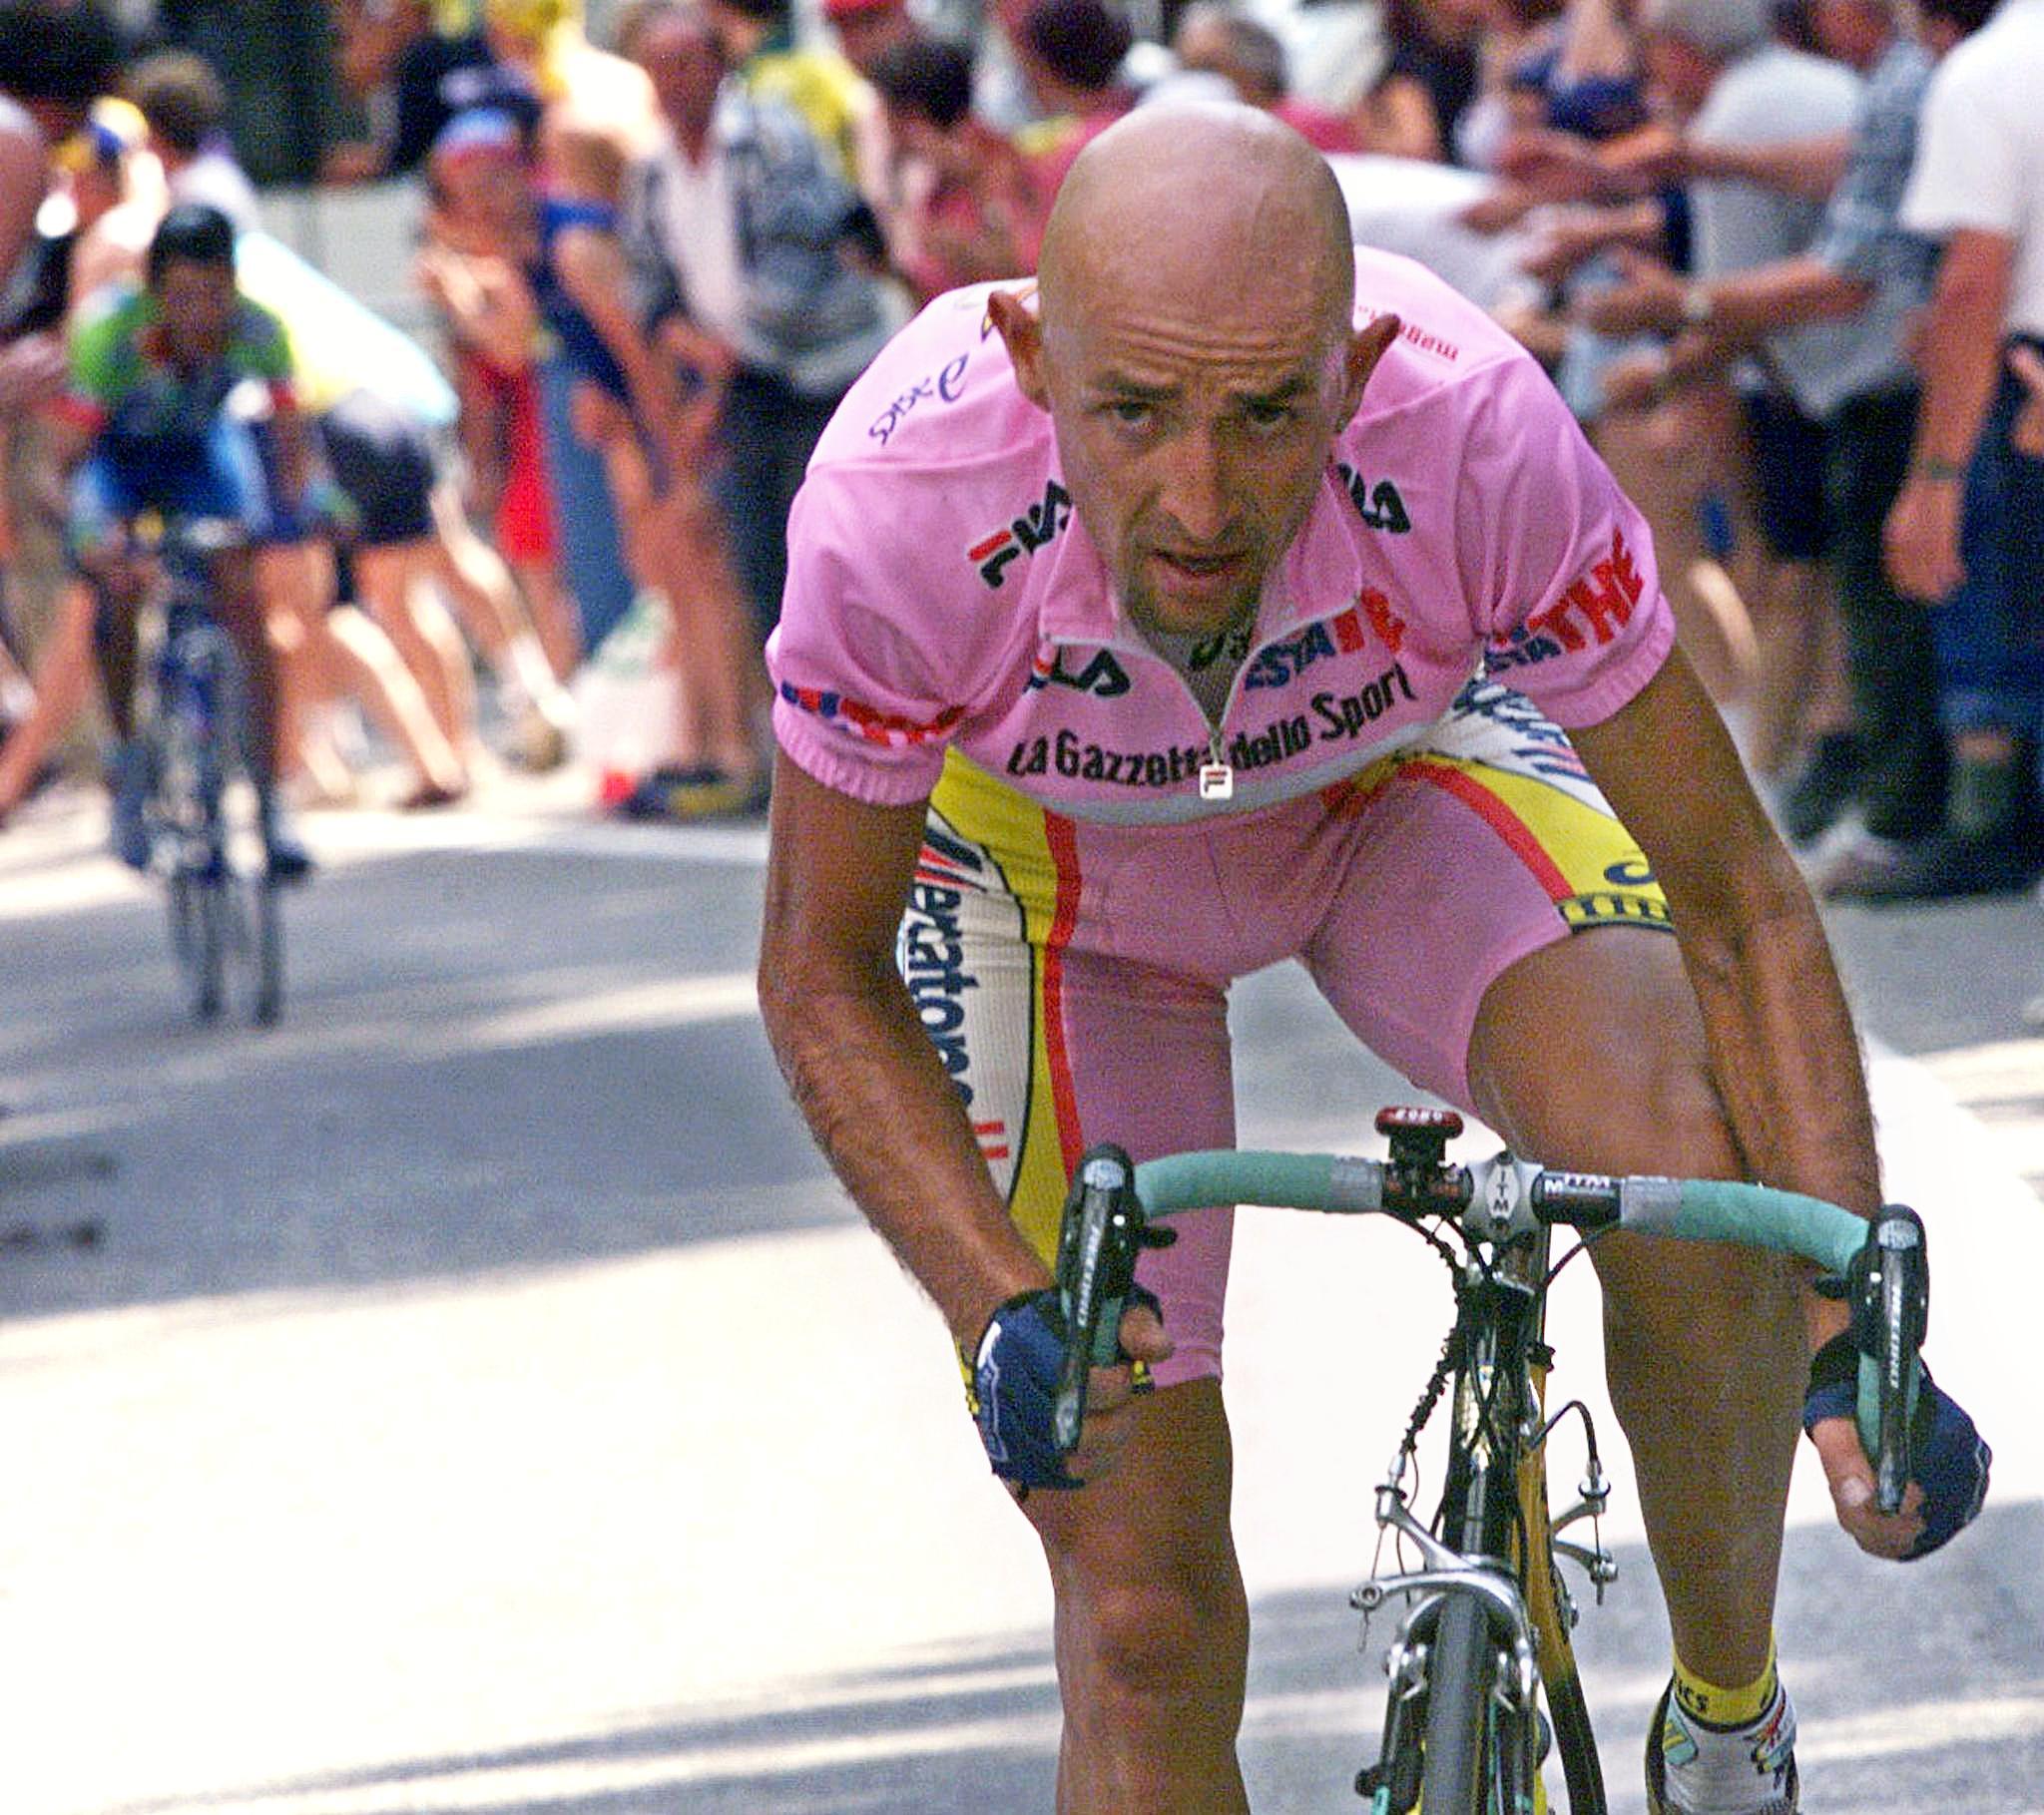 Pantani: nuova intercettazione e l'avvocato chiede l'assegnazione del Giro del 1999